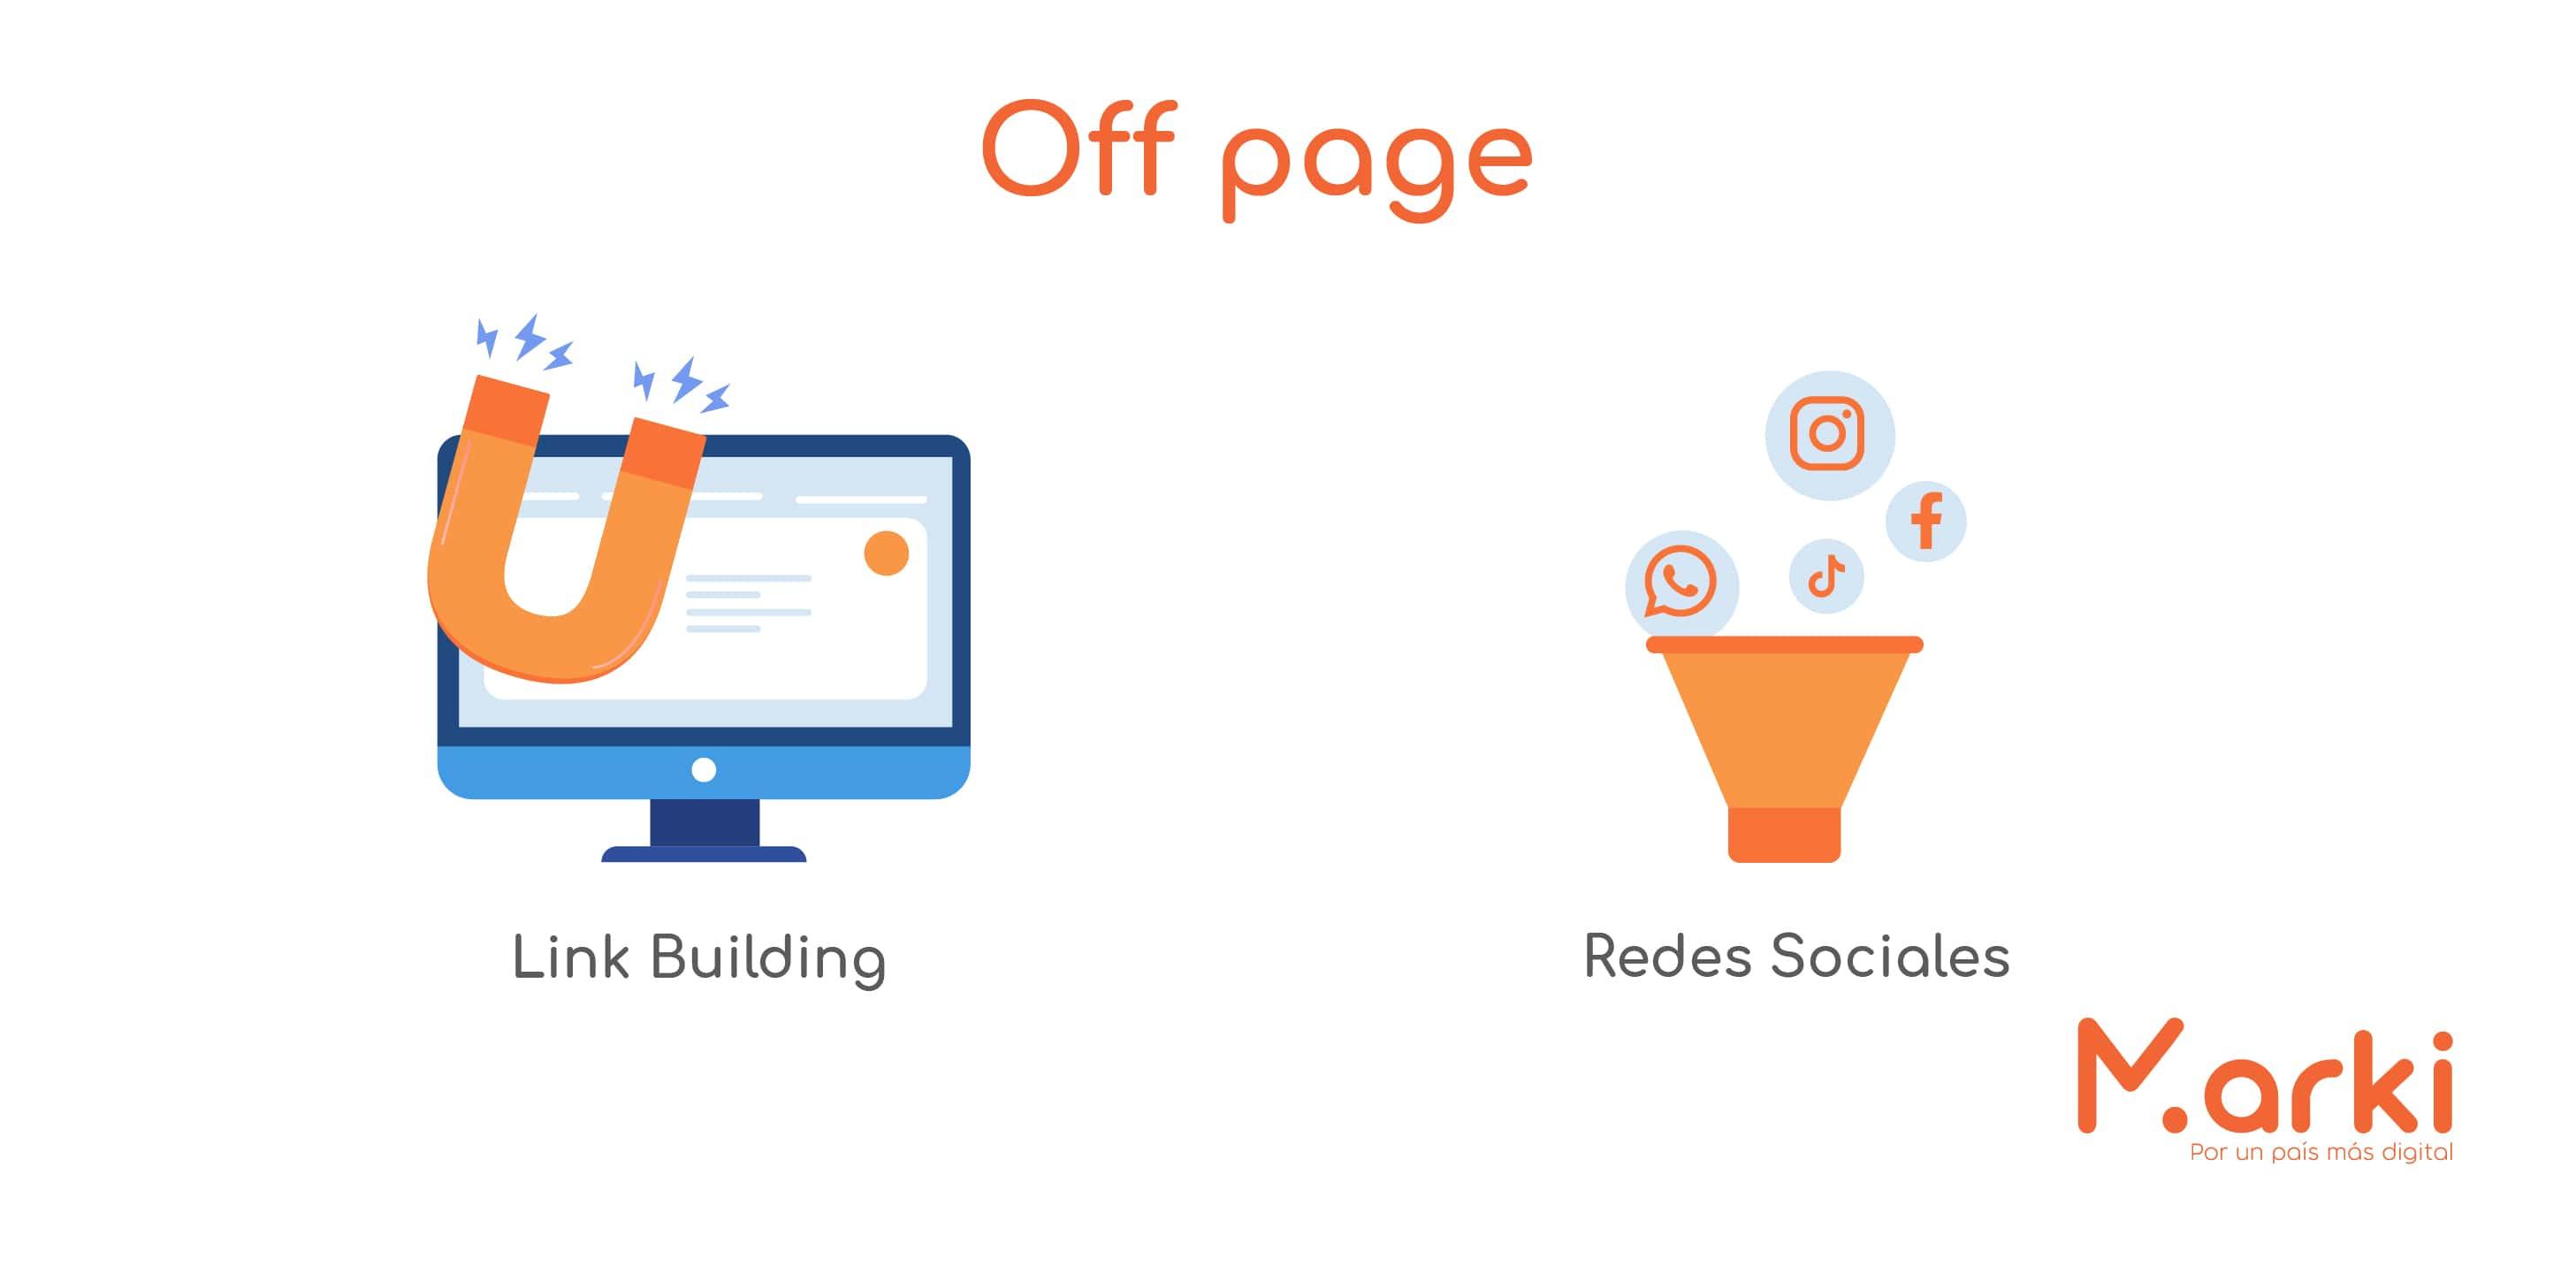 off page seo off page seo que es y como funciona seo como funciona mejorar posicionamiento web que significa seo en marketing digital como funciona el seo marki diseño marki voluntariado marki